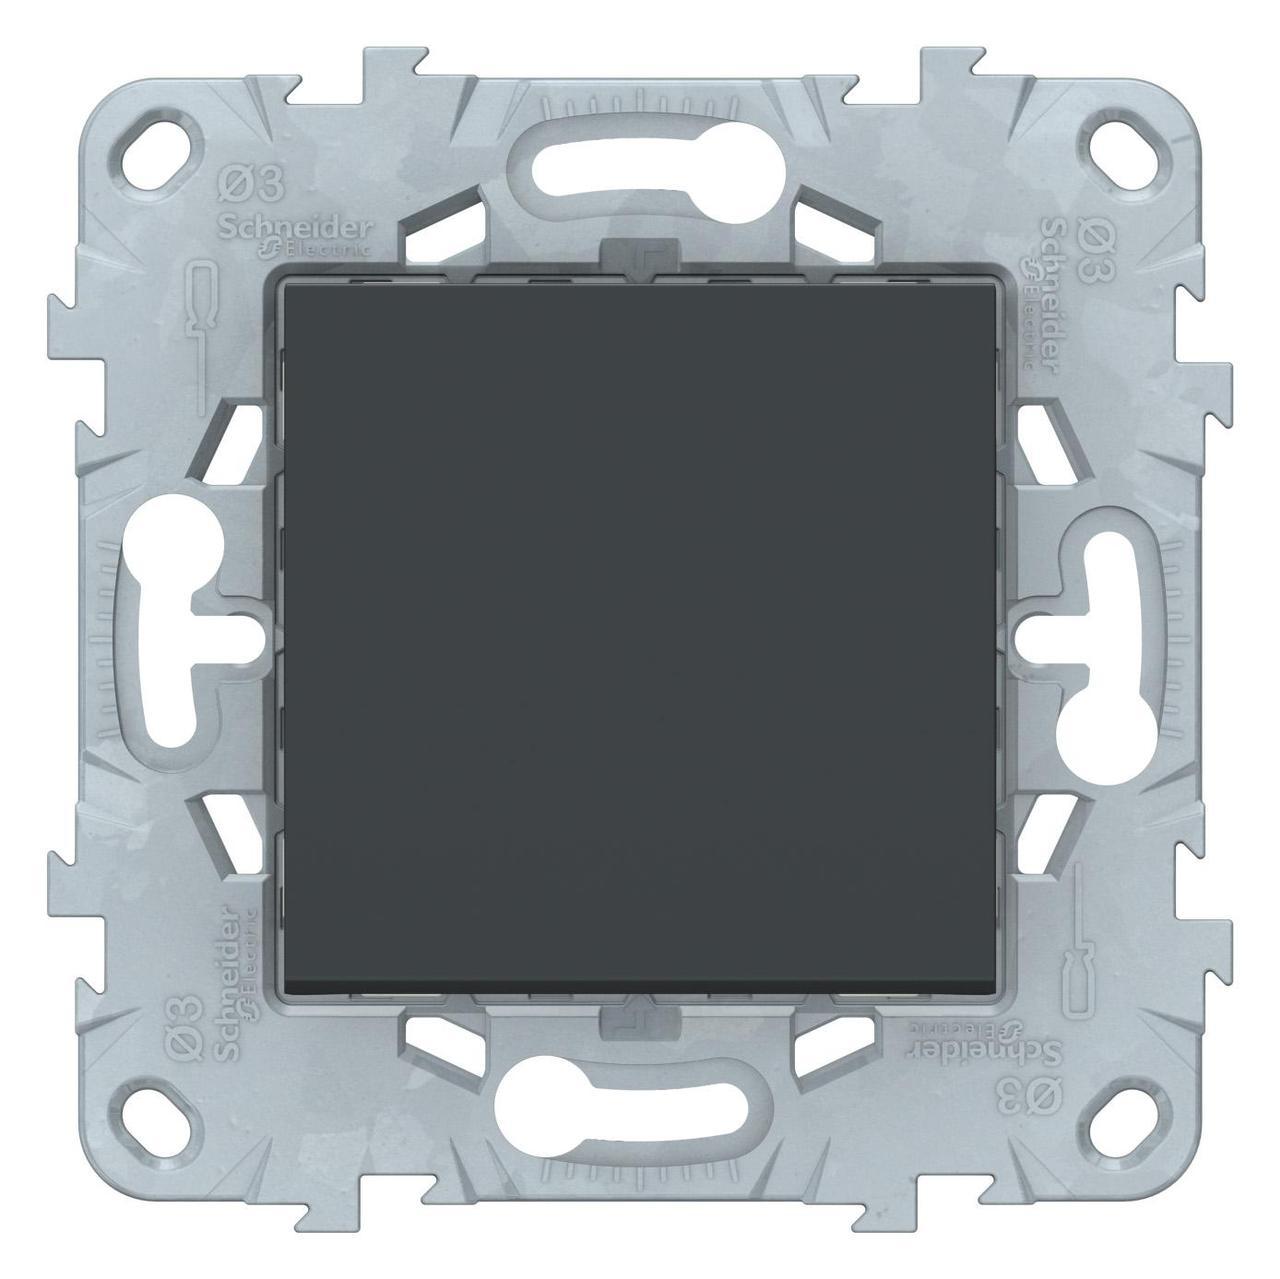 Выключатель 2-полюсный 1-клавишный , Антрацит, серия Unica New, Schneider Electric